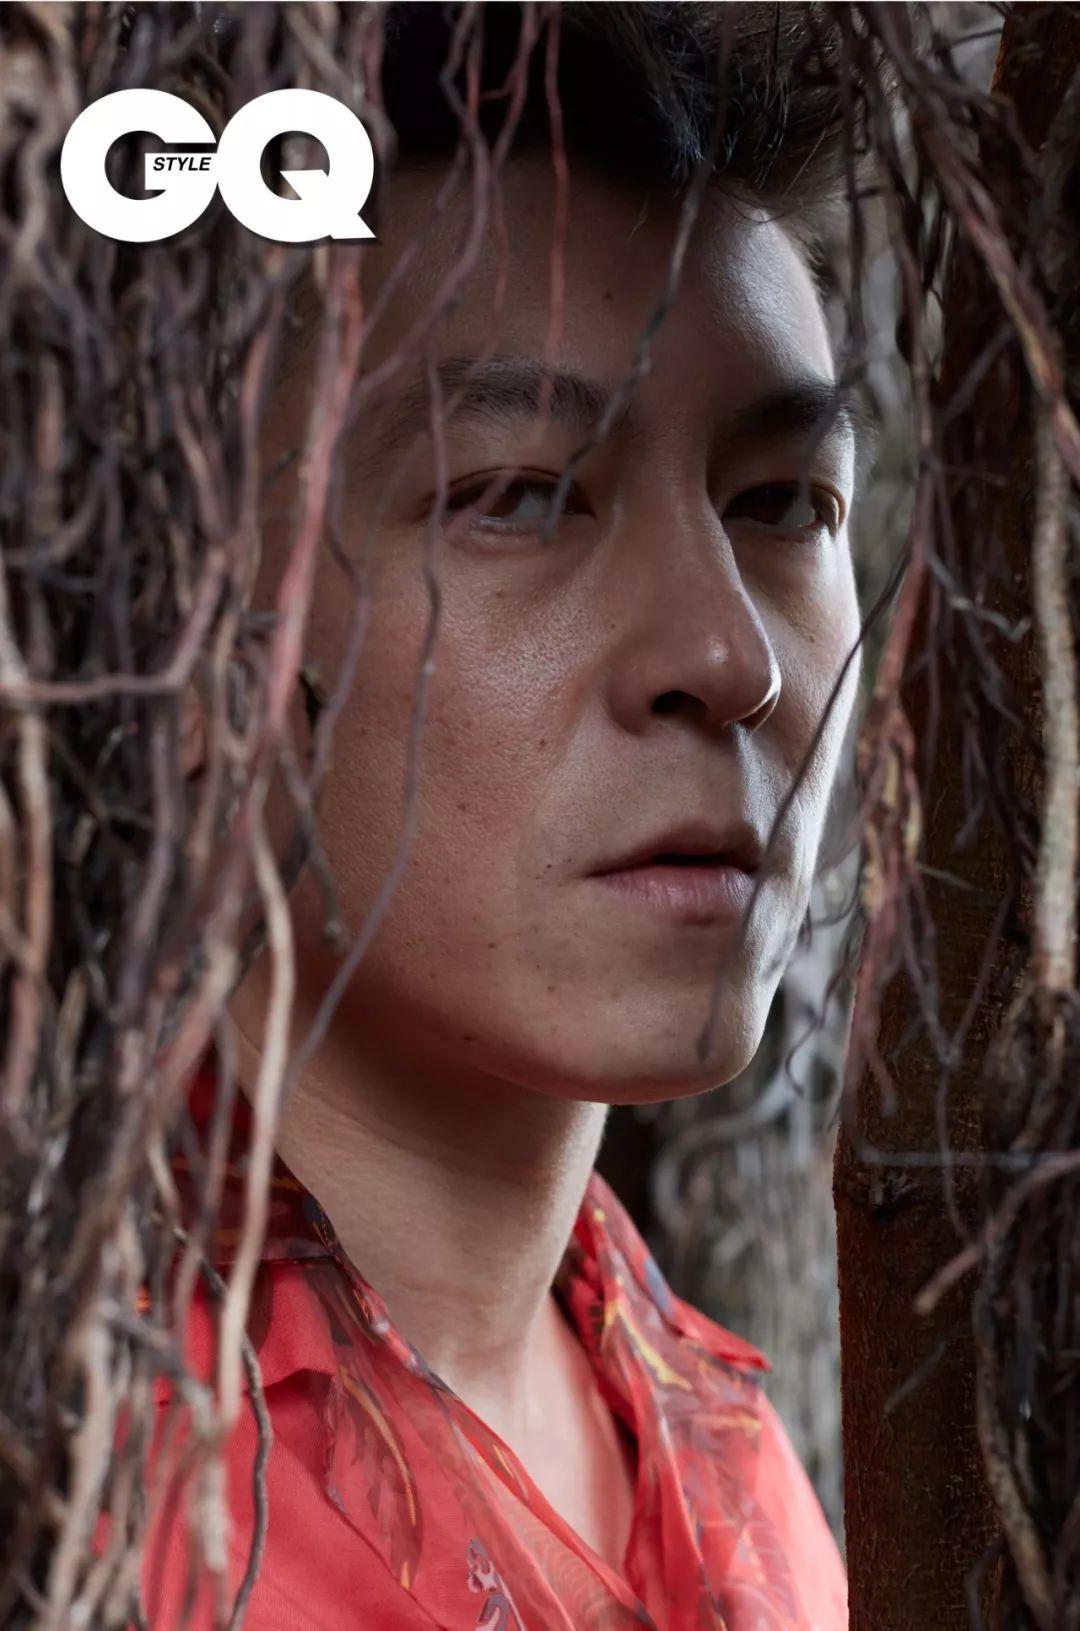 陈冠希为《GQ STYLE》拍了一组秦舒培